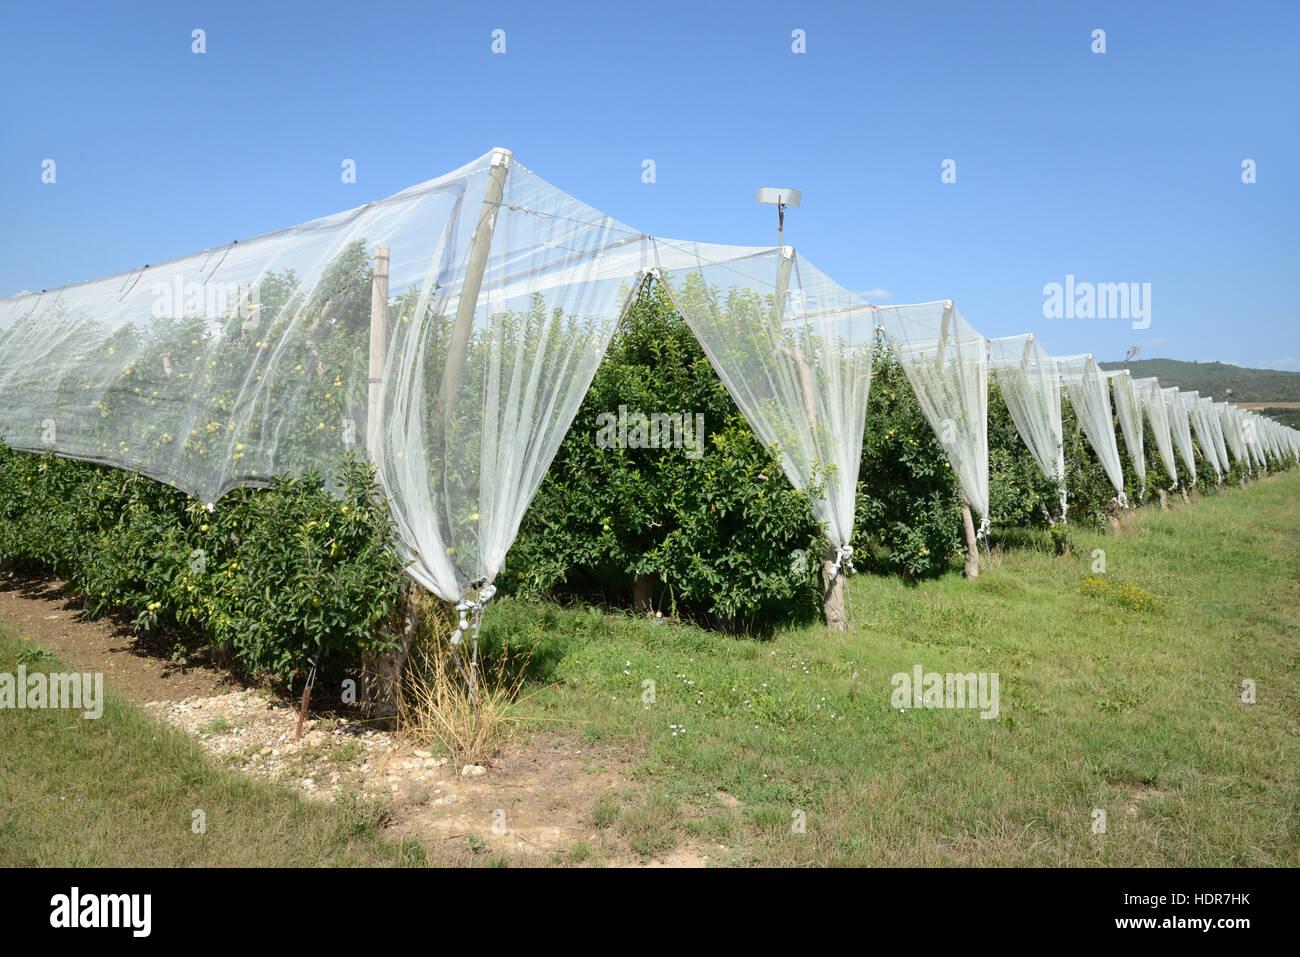 Crop Protection Netze halten Vögel off Apfelplantagen auf einer Fläche von Intensive Frucht Produktion Stockbild